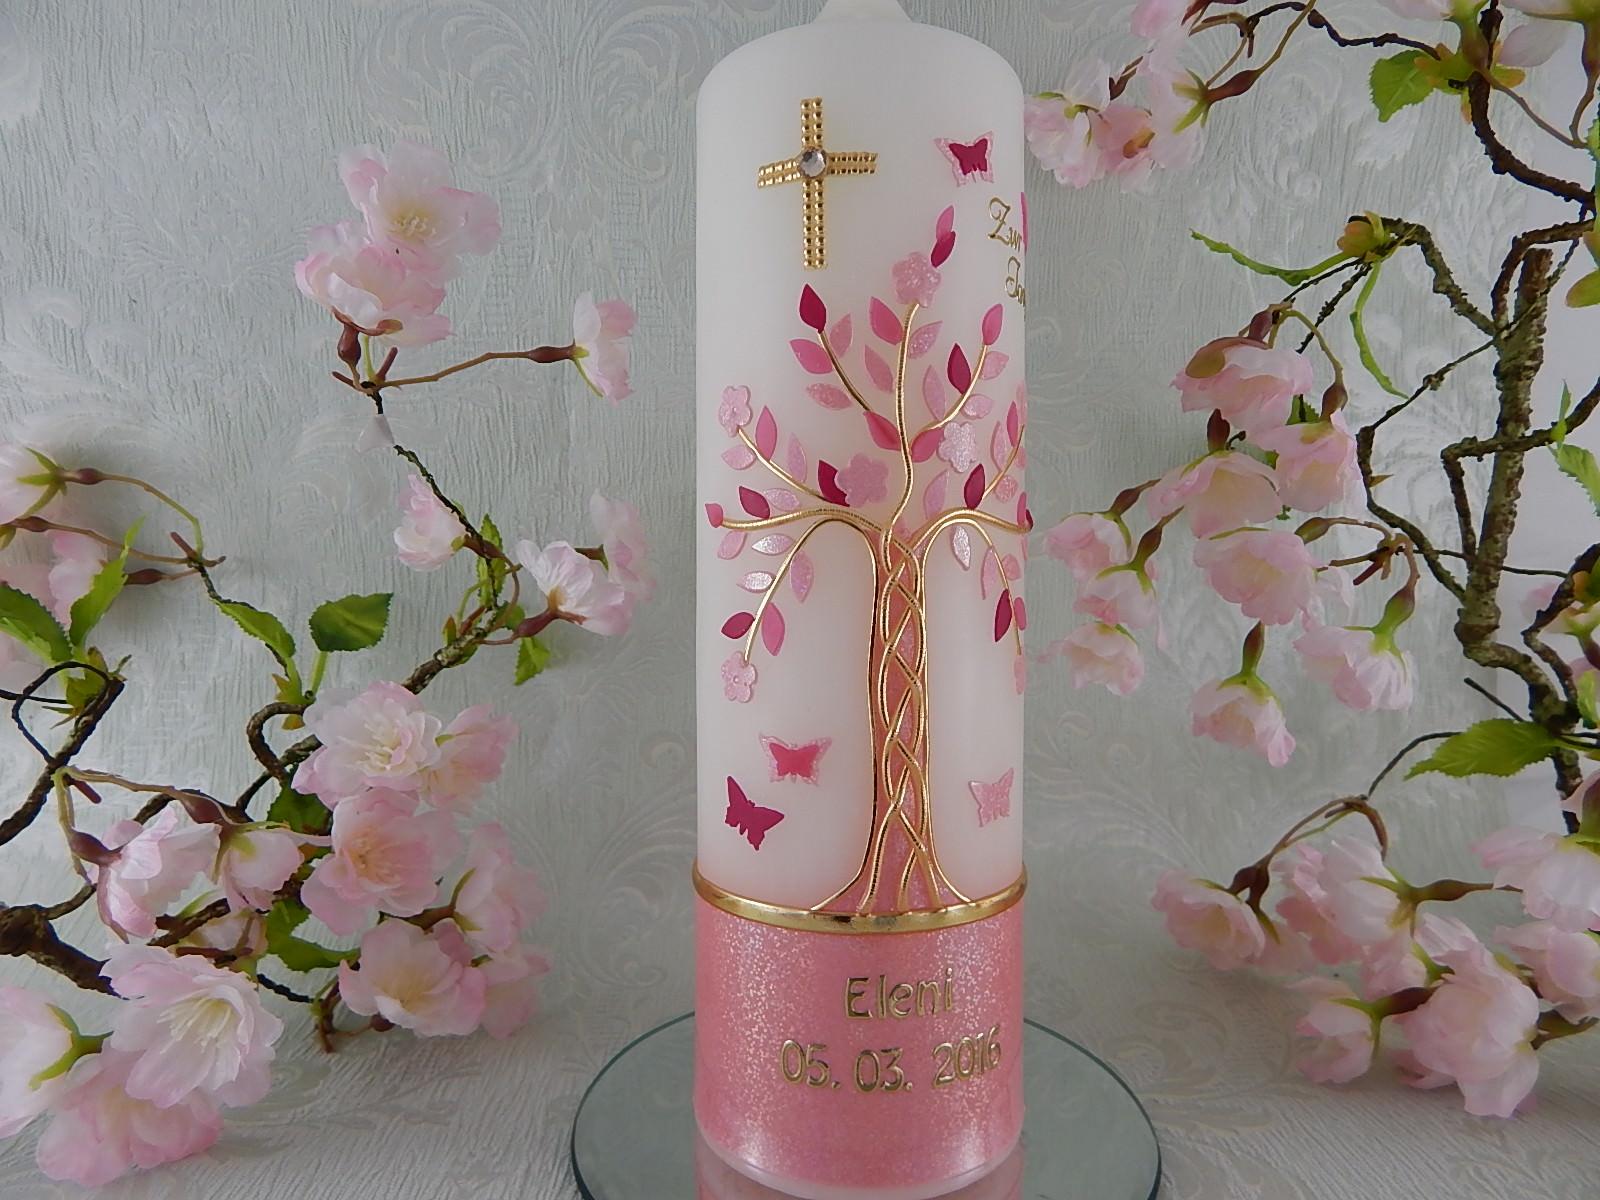 - Taufkerze Kommunionkerze Lebensbaum rosa gold für Mädchen mit Name und Datum - Taufkerze Kommunionkerze Lebensbaum rosa gold für Mädchen mit Name und Datum